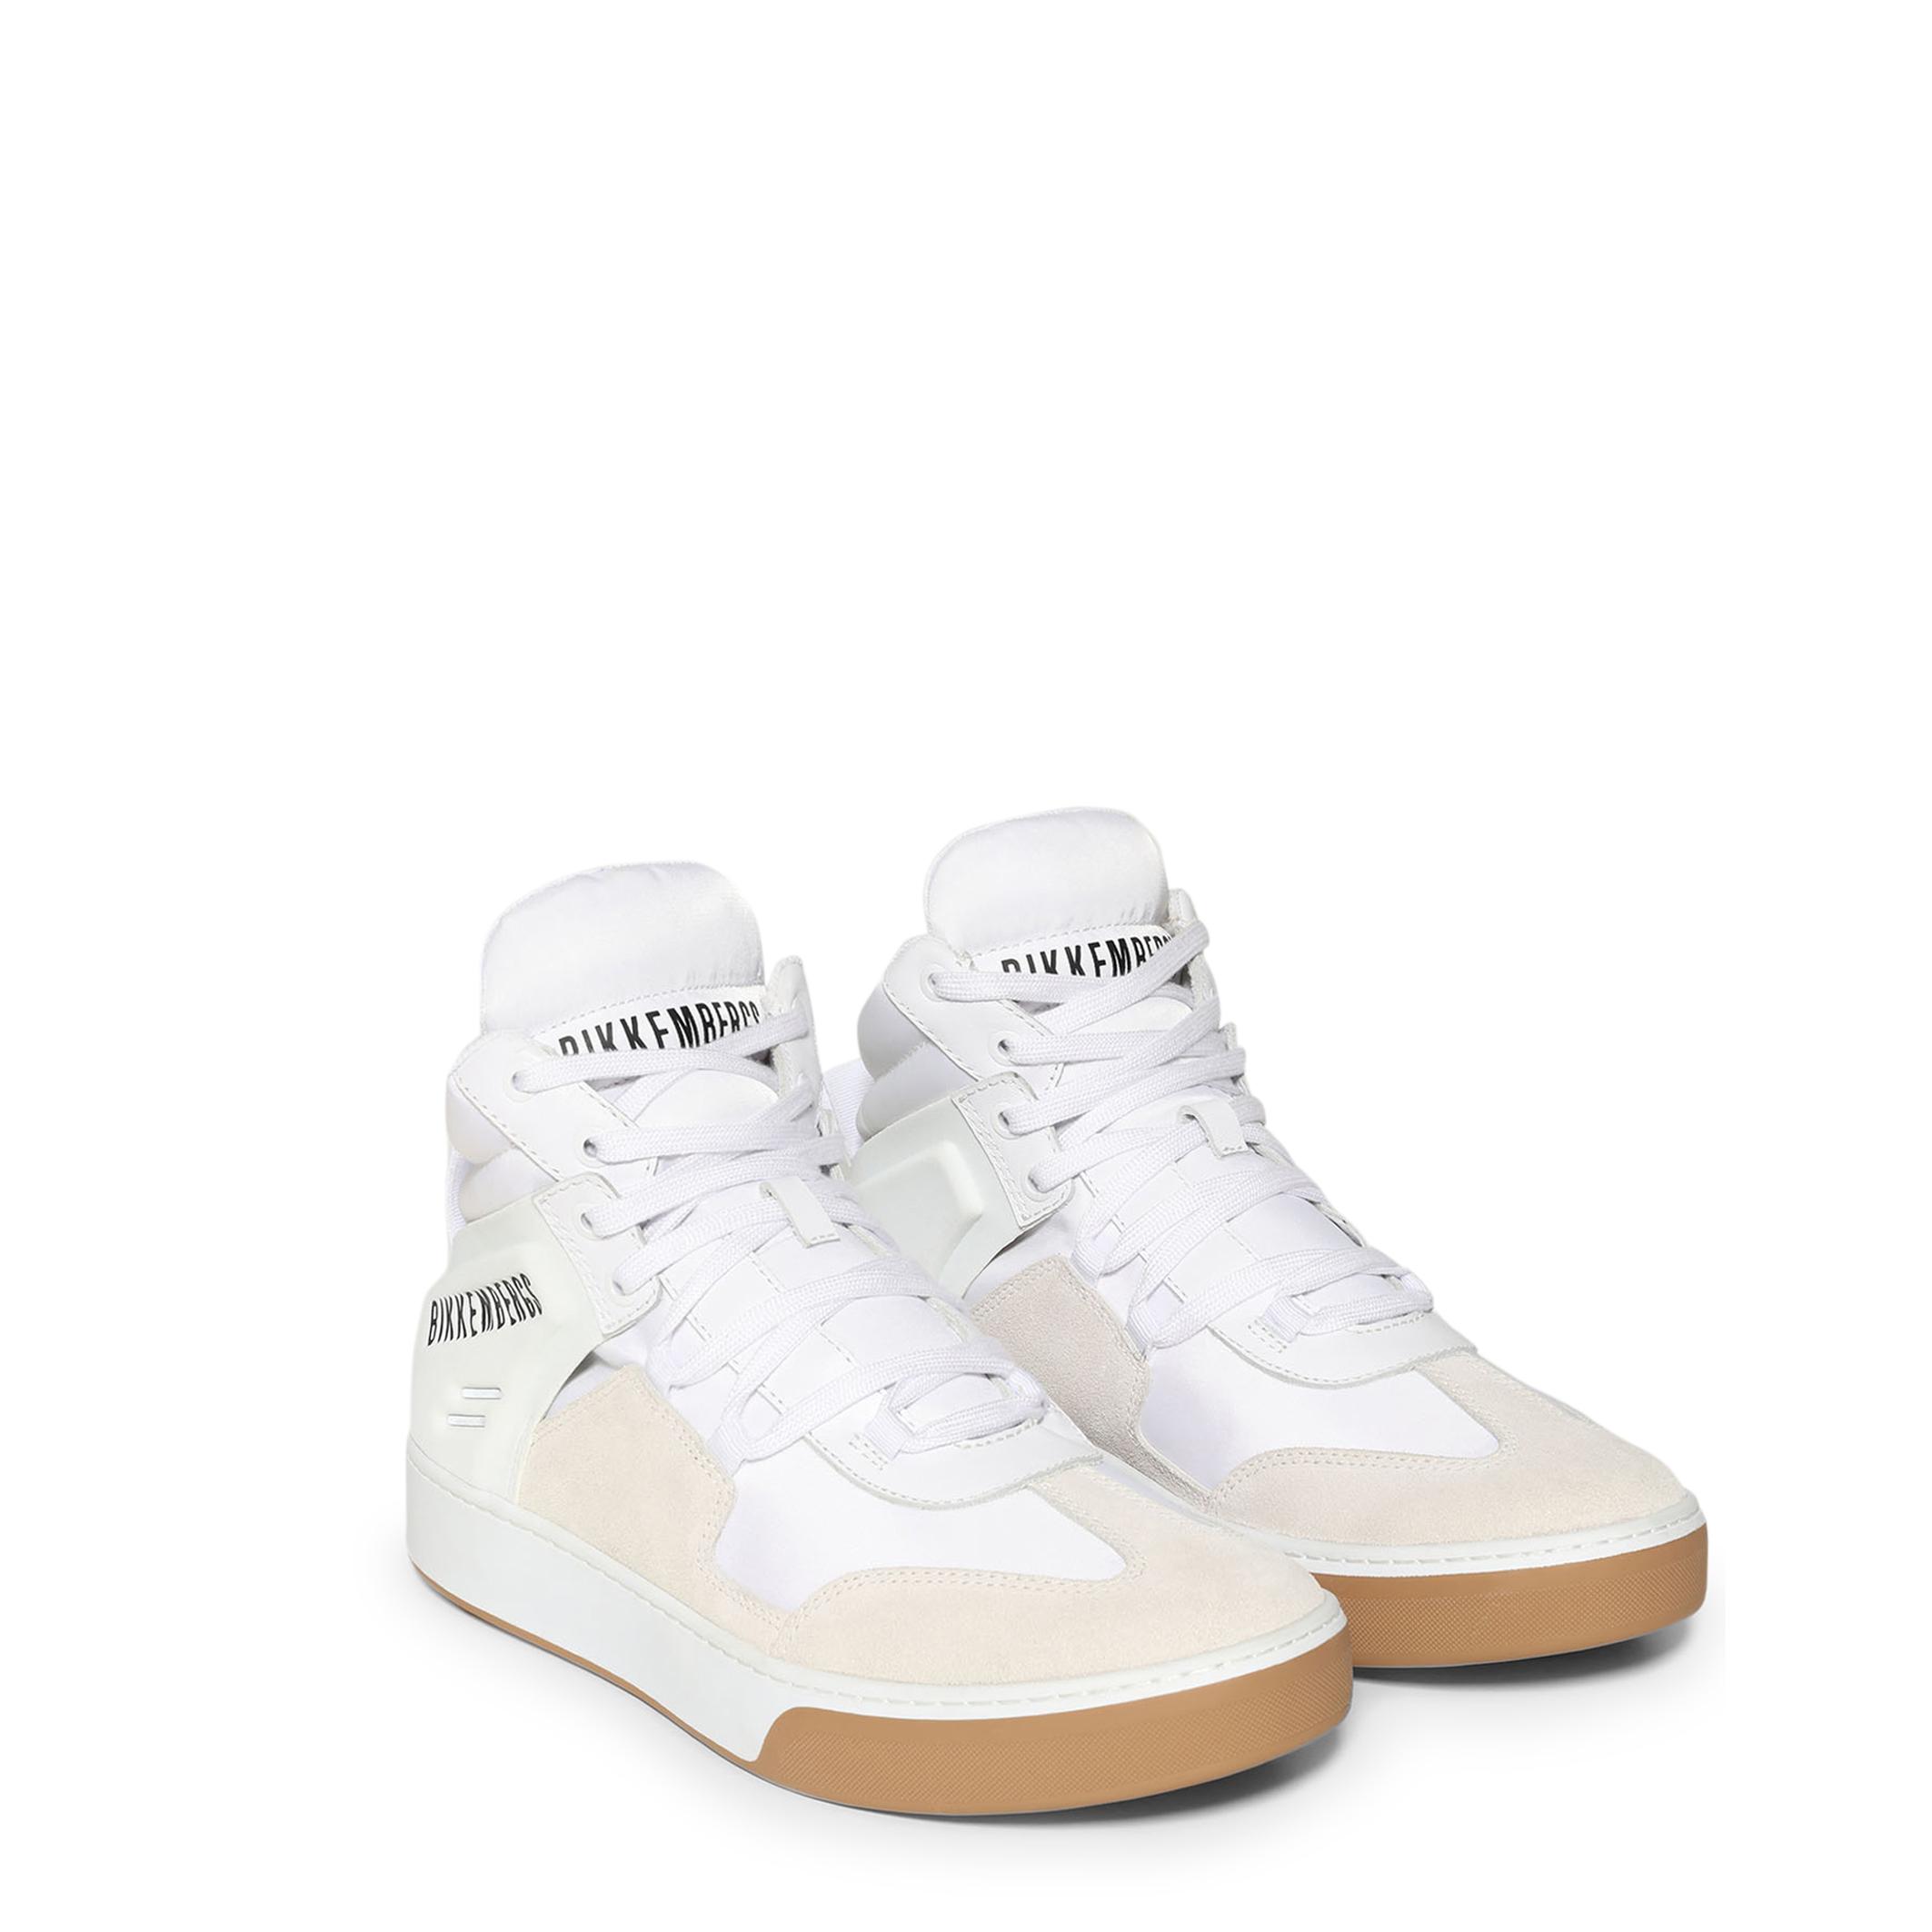 Baskets / Sport  Bikkembergs BALKAN_B4BKM0038_100 white